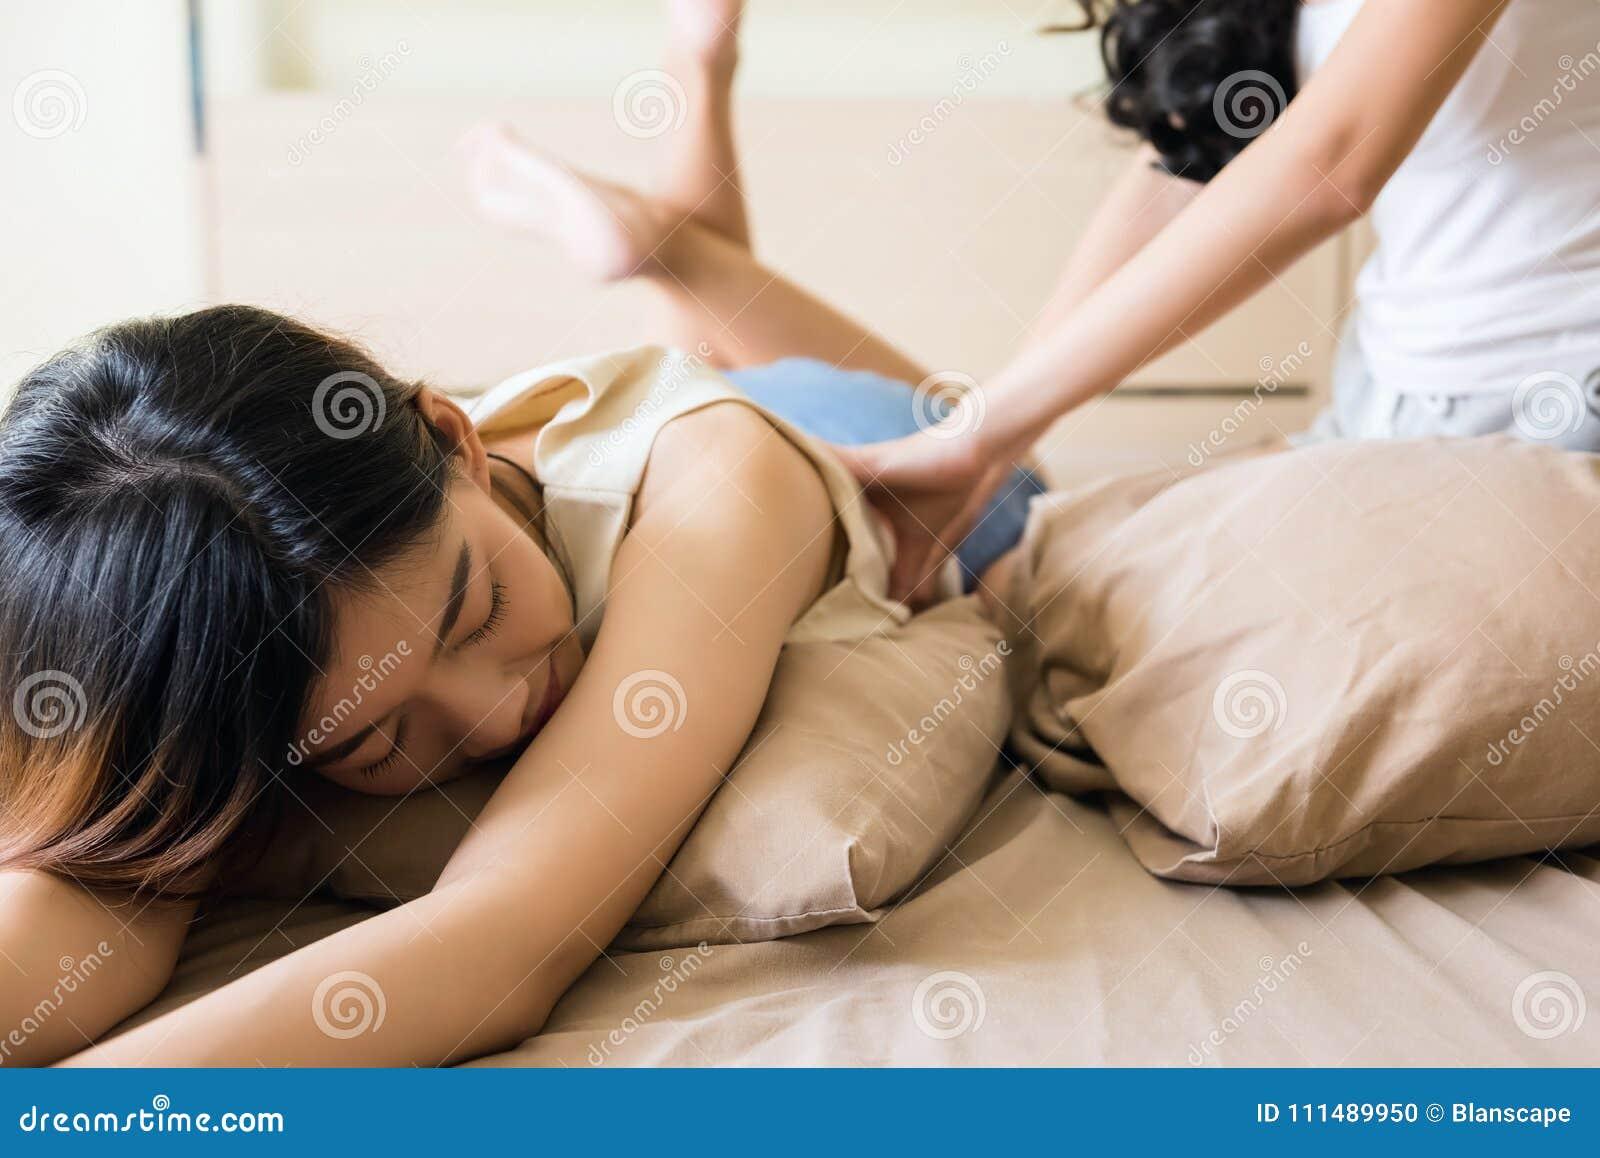 Προβολή Lesbian massage - Φυσικά βυζιά, Μασάζ, Μωράκι, Μπαλόνια, Λεσβία, Λαδωμένος-η μόνο σε el.